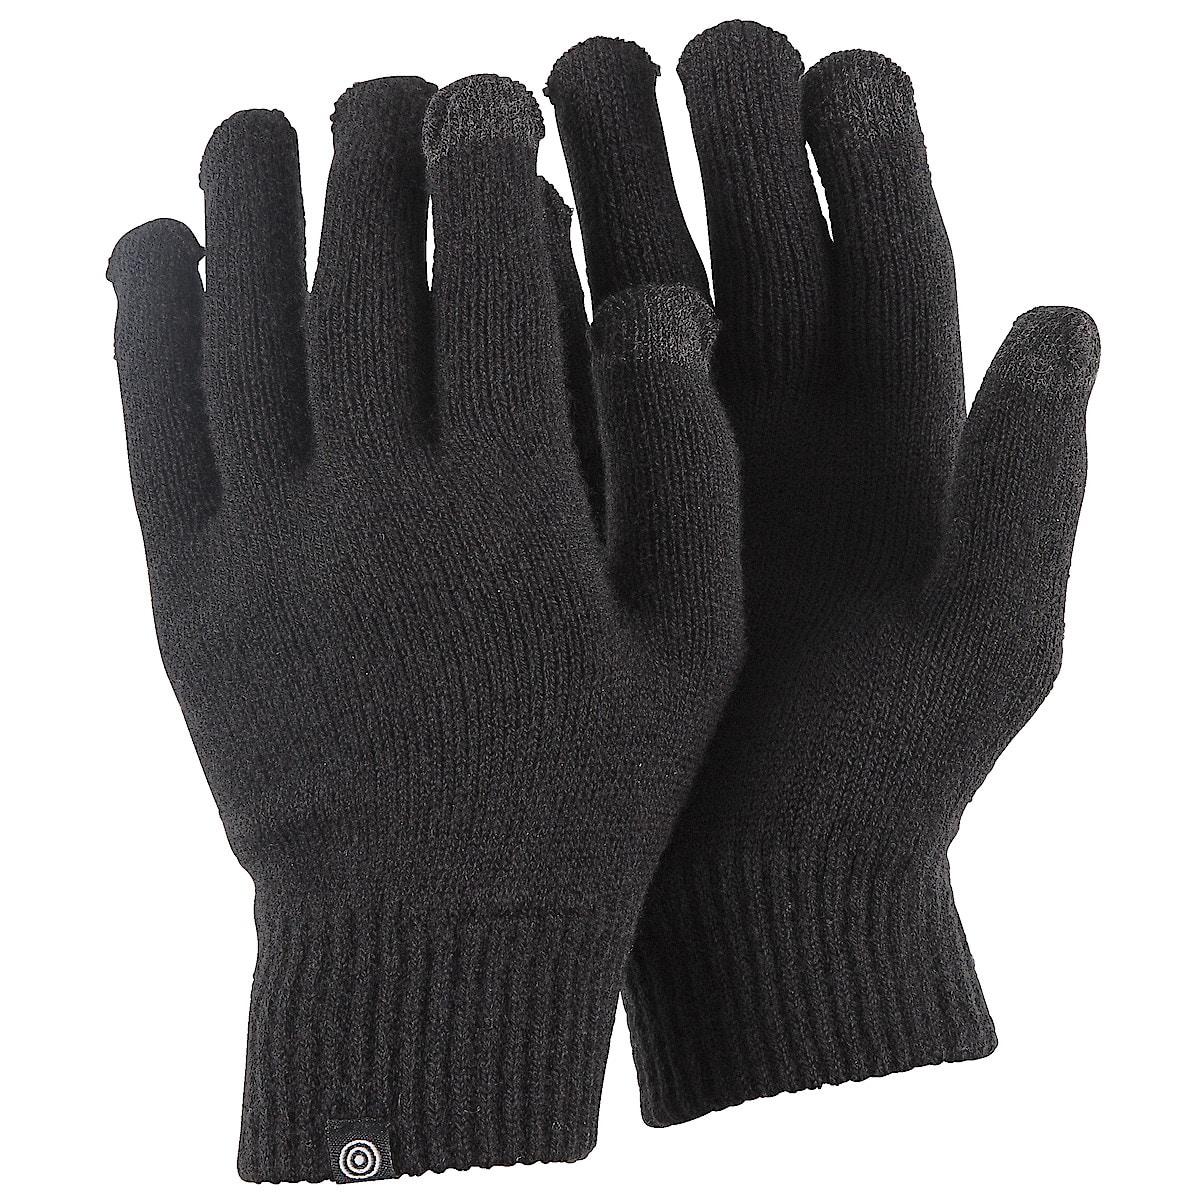 Fingervantar med touch svart